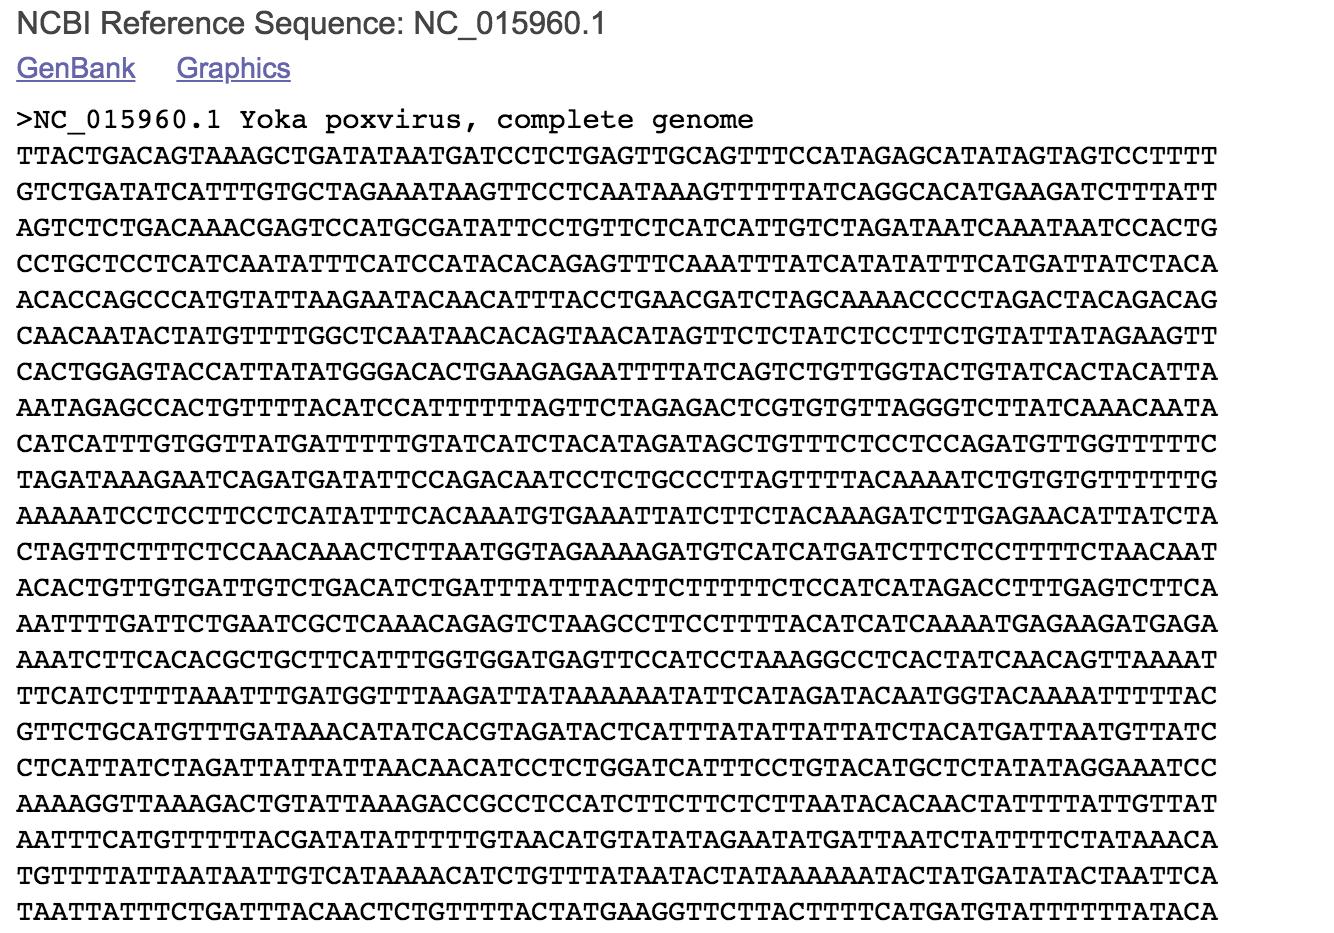 Genome Analysis-Data Retrieval-NCBI (2).